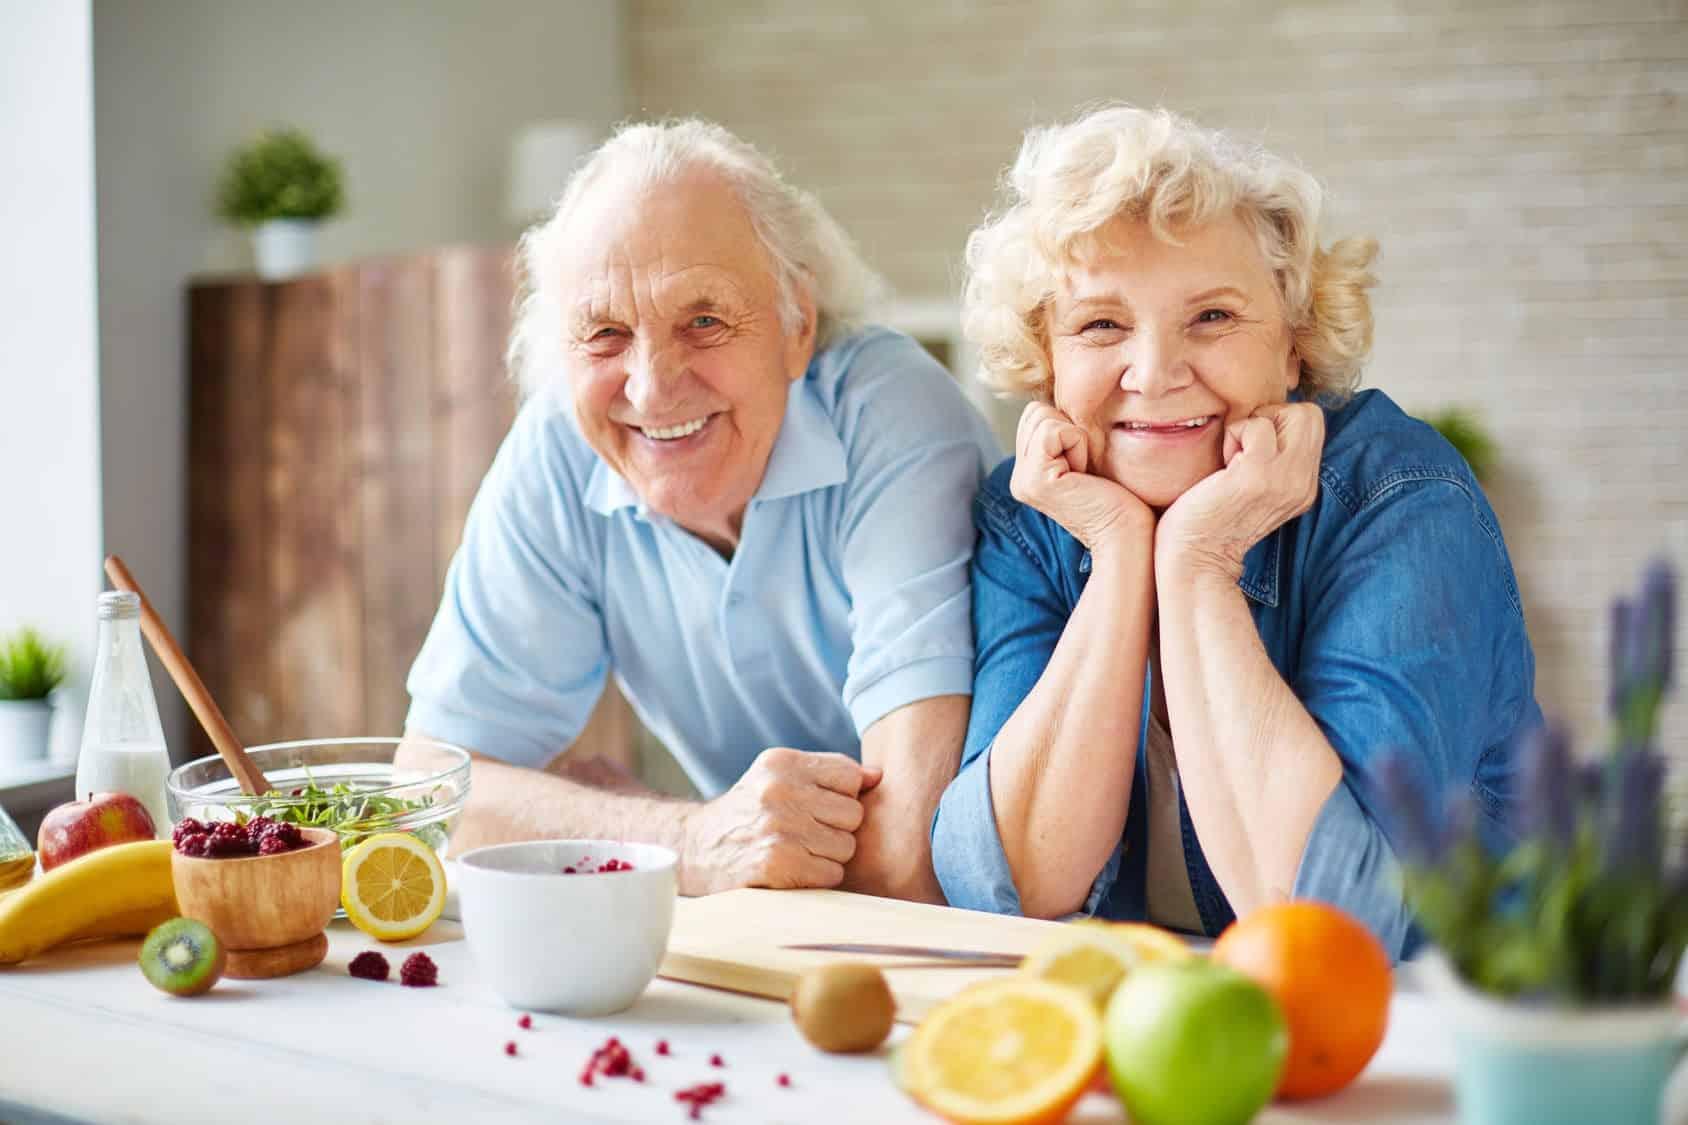 Chế-độ-ăn-uống-cực-kì-quan-trọng-trong-việc-chăm-sóc-sức-khỏe-người-cao-tuổi